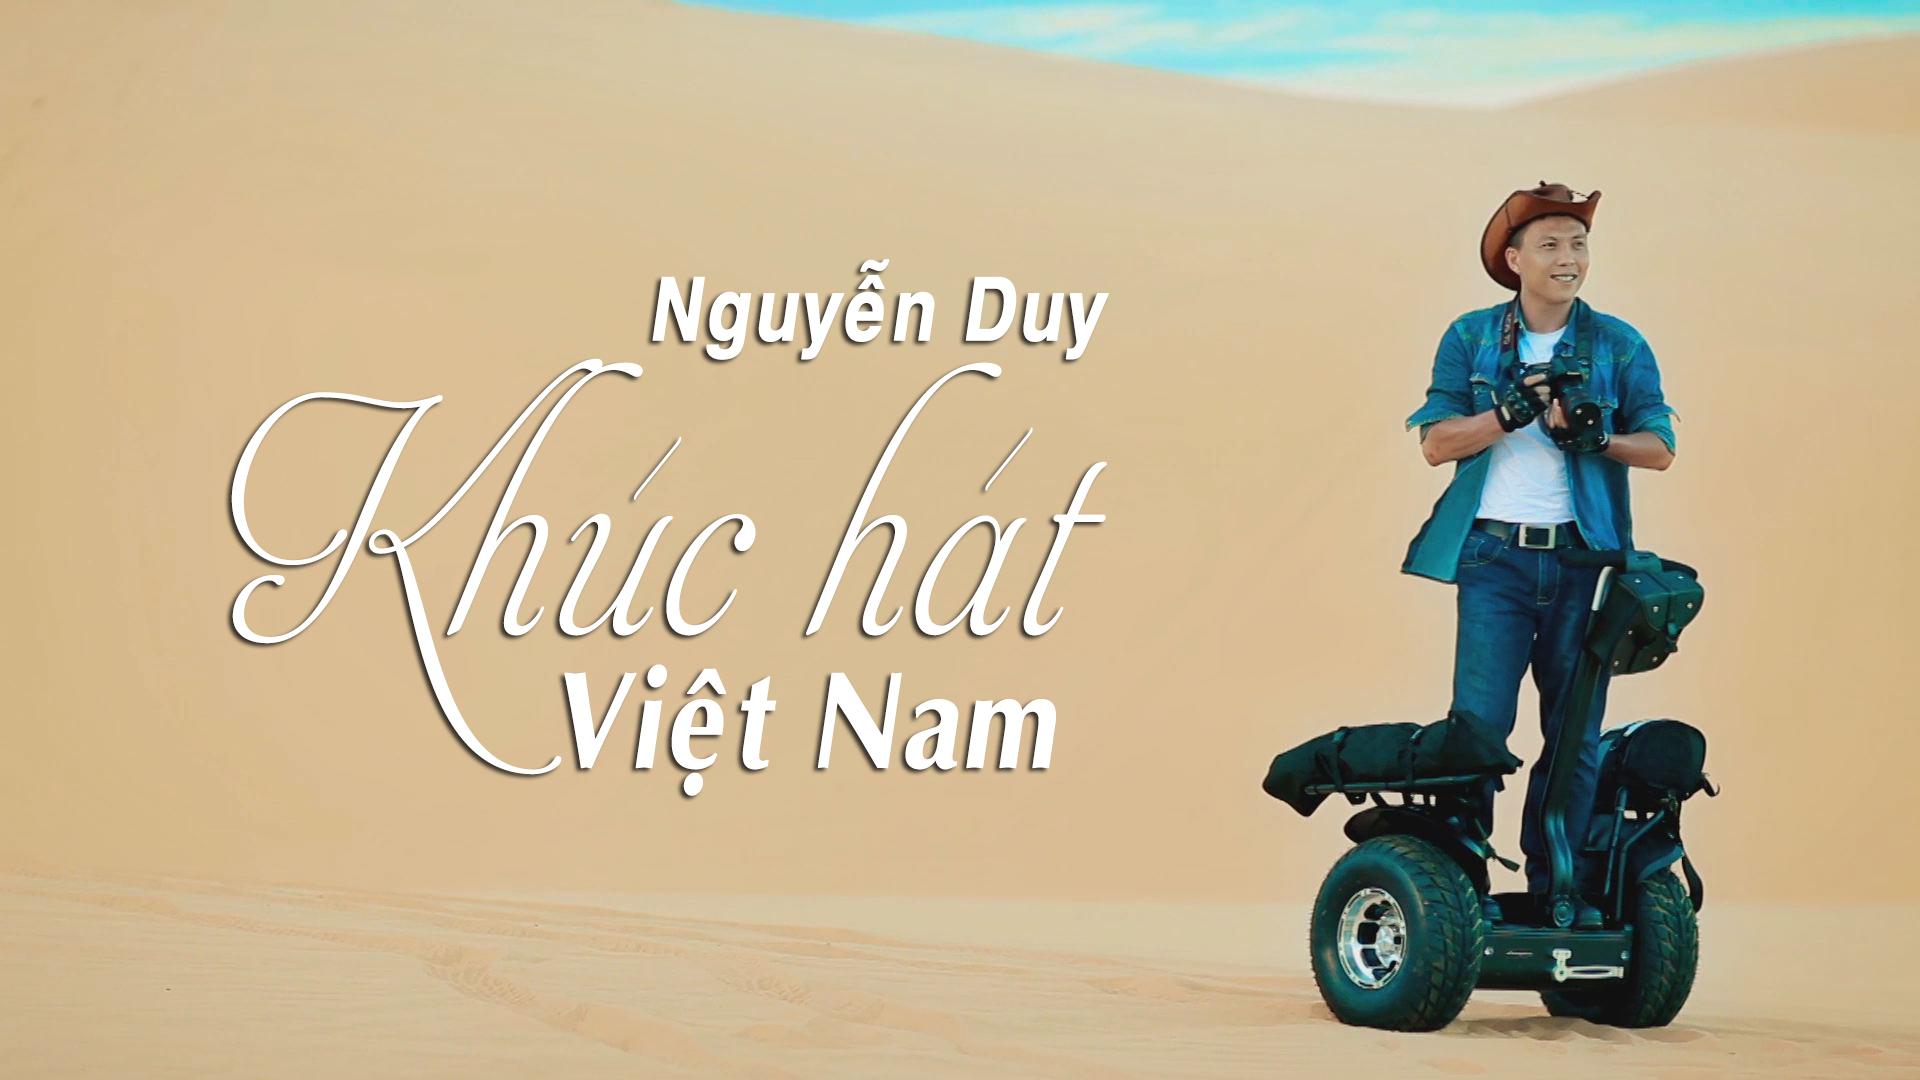 Nguyễn Duy Đi Dọc Việt Nam Để Dạo Biển, Ngắm Hoàng Hôn Và Leo Đồi Cát